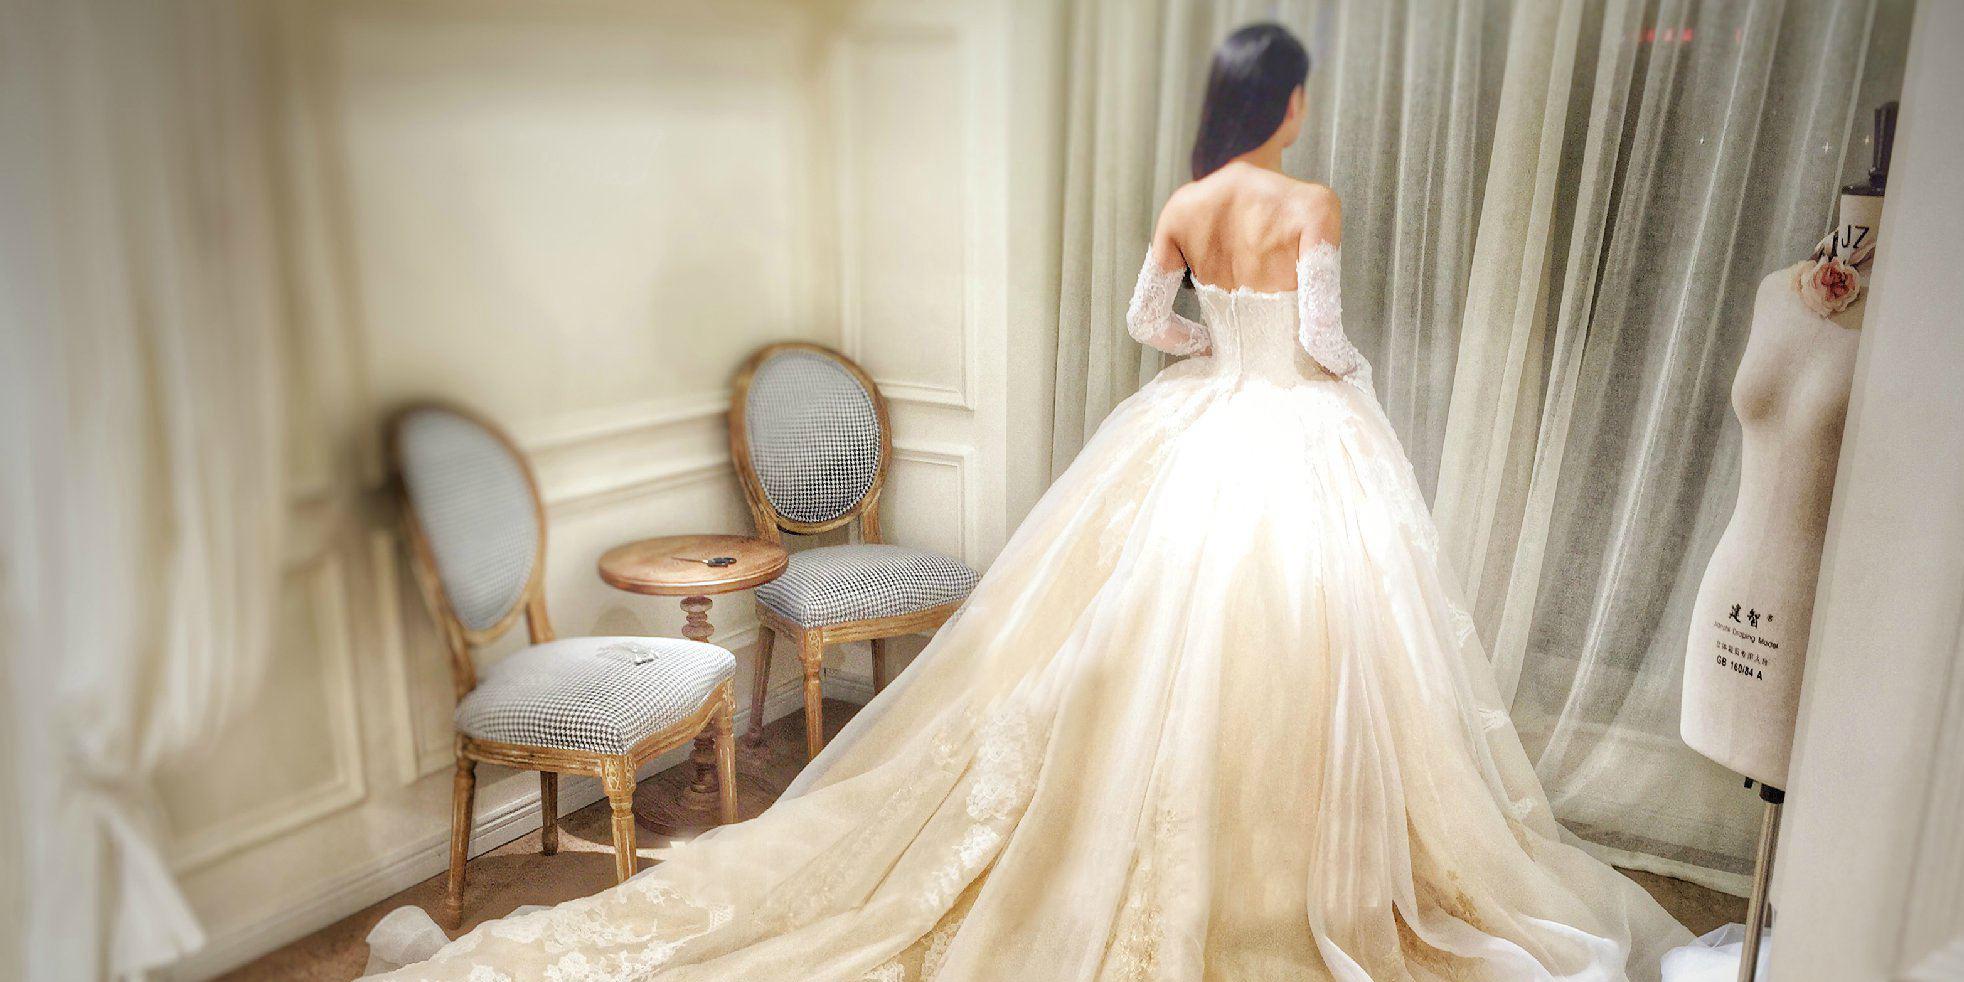 试穿婚纱前的准备工作